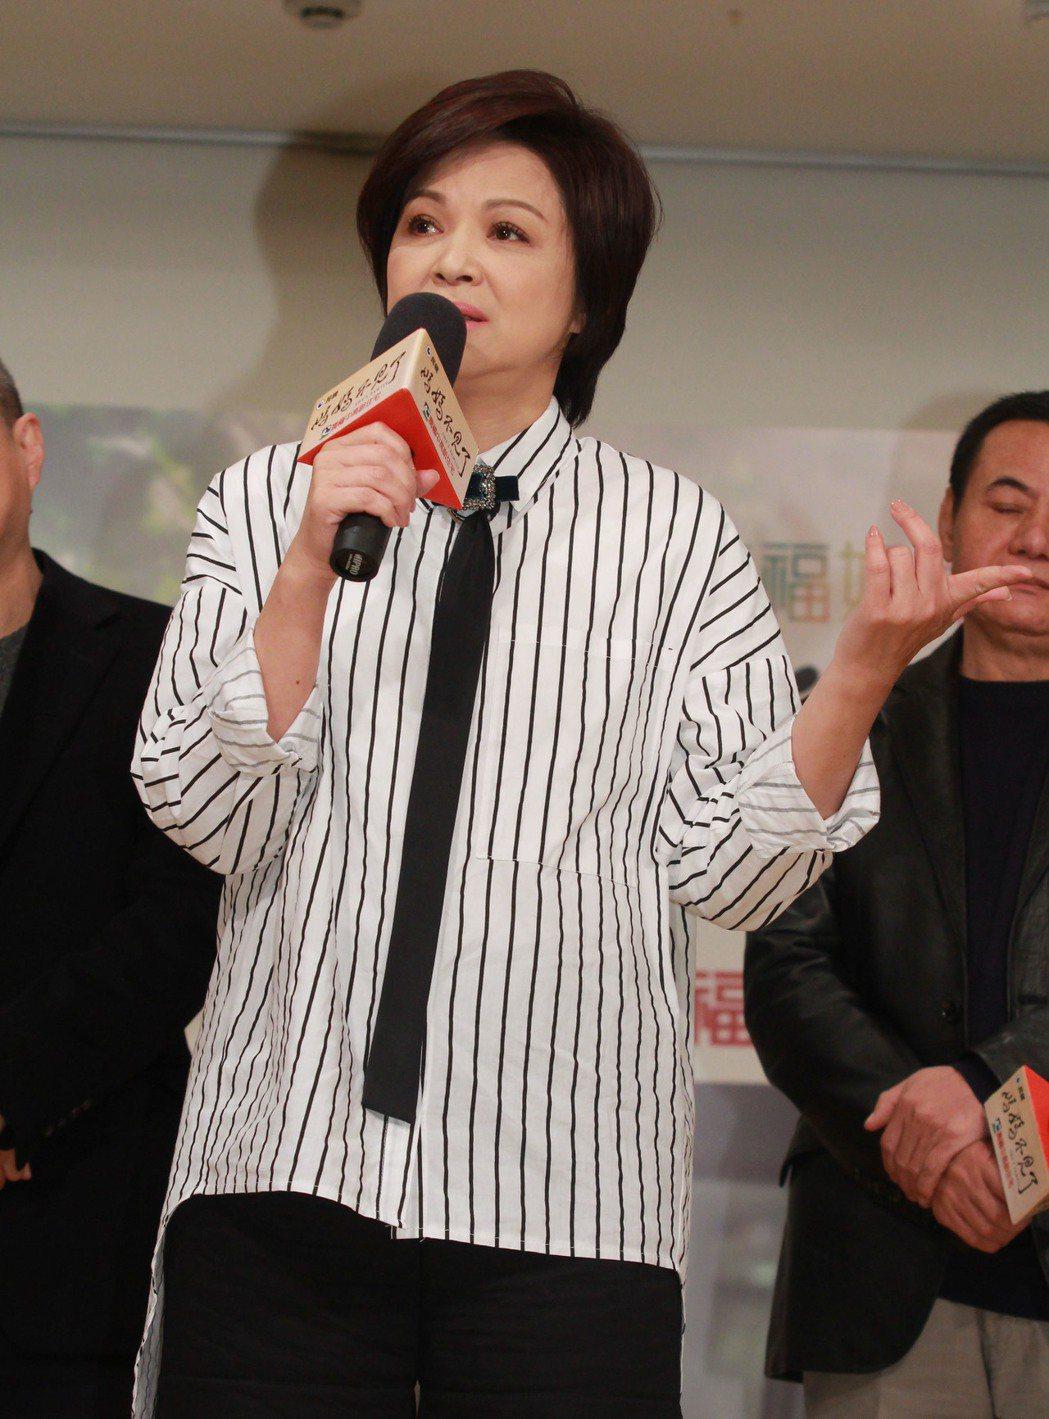 楊貴媚、蔡振南在「媽媽不見了」戲中飾演夫妻。圖/民視提供